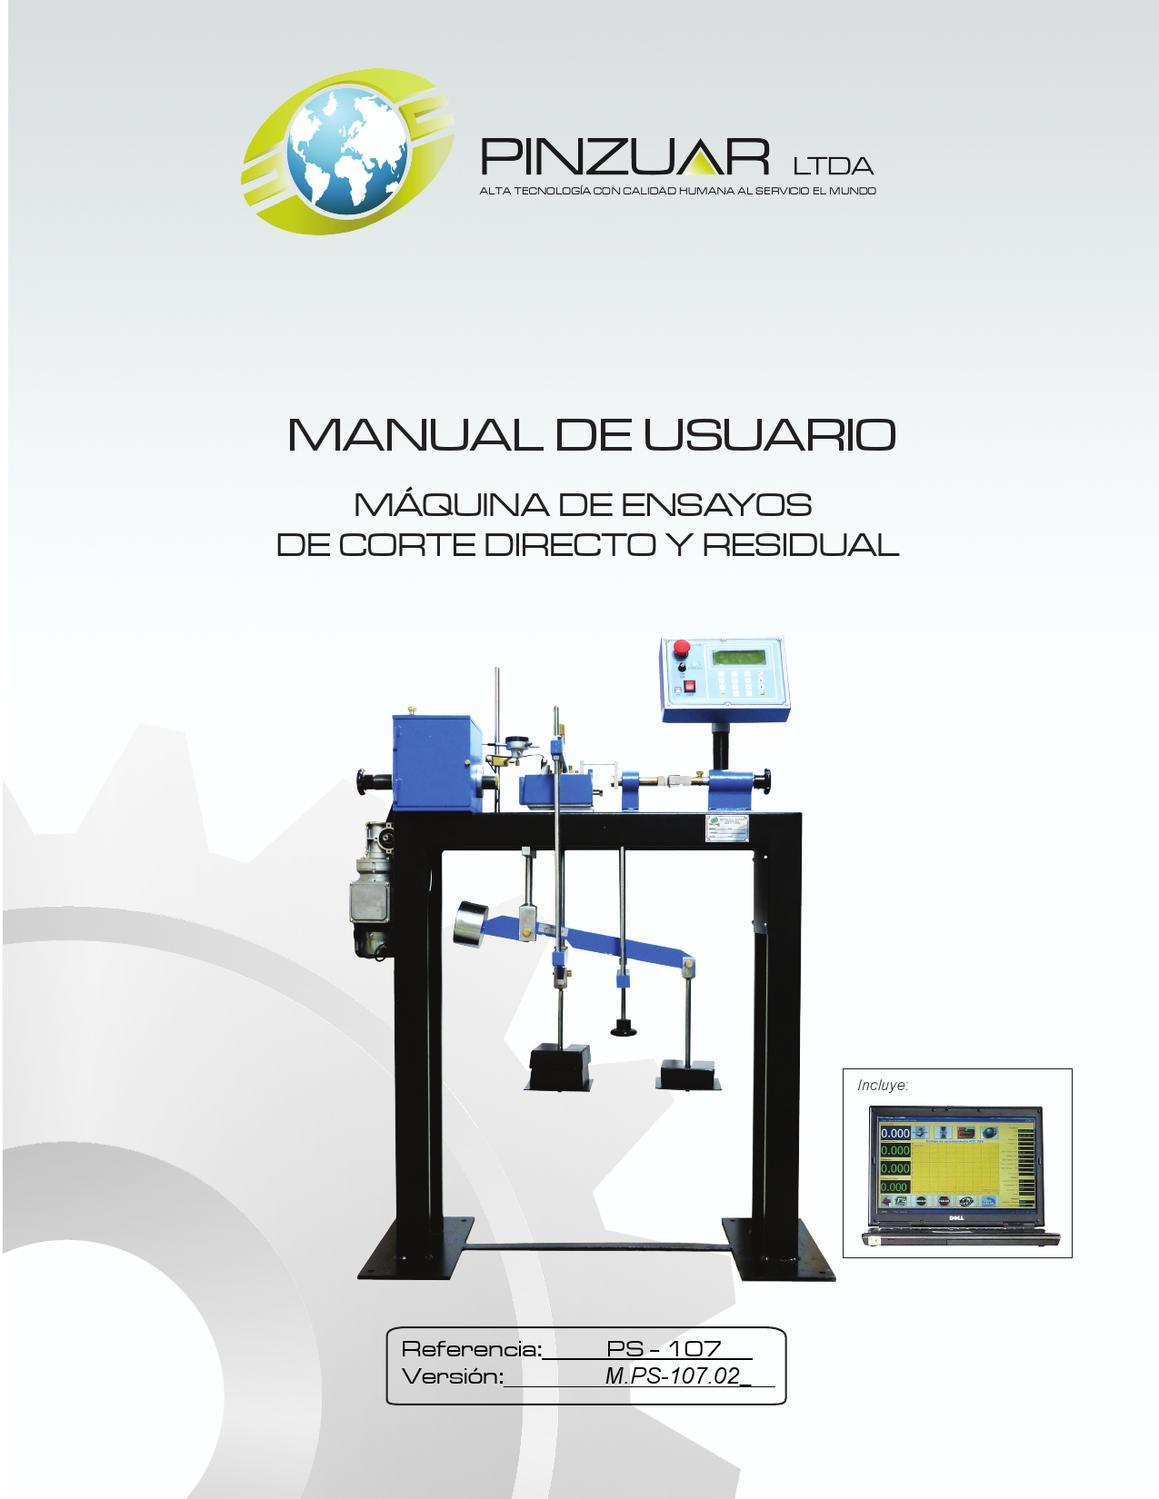 Manual de Corte Directo Ref. PS-107 by Publicidad Pinzuar - issuu